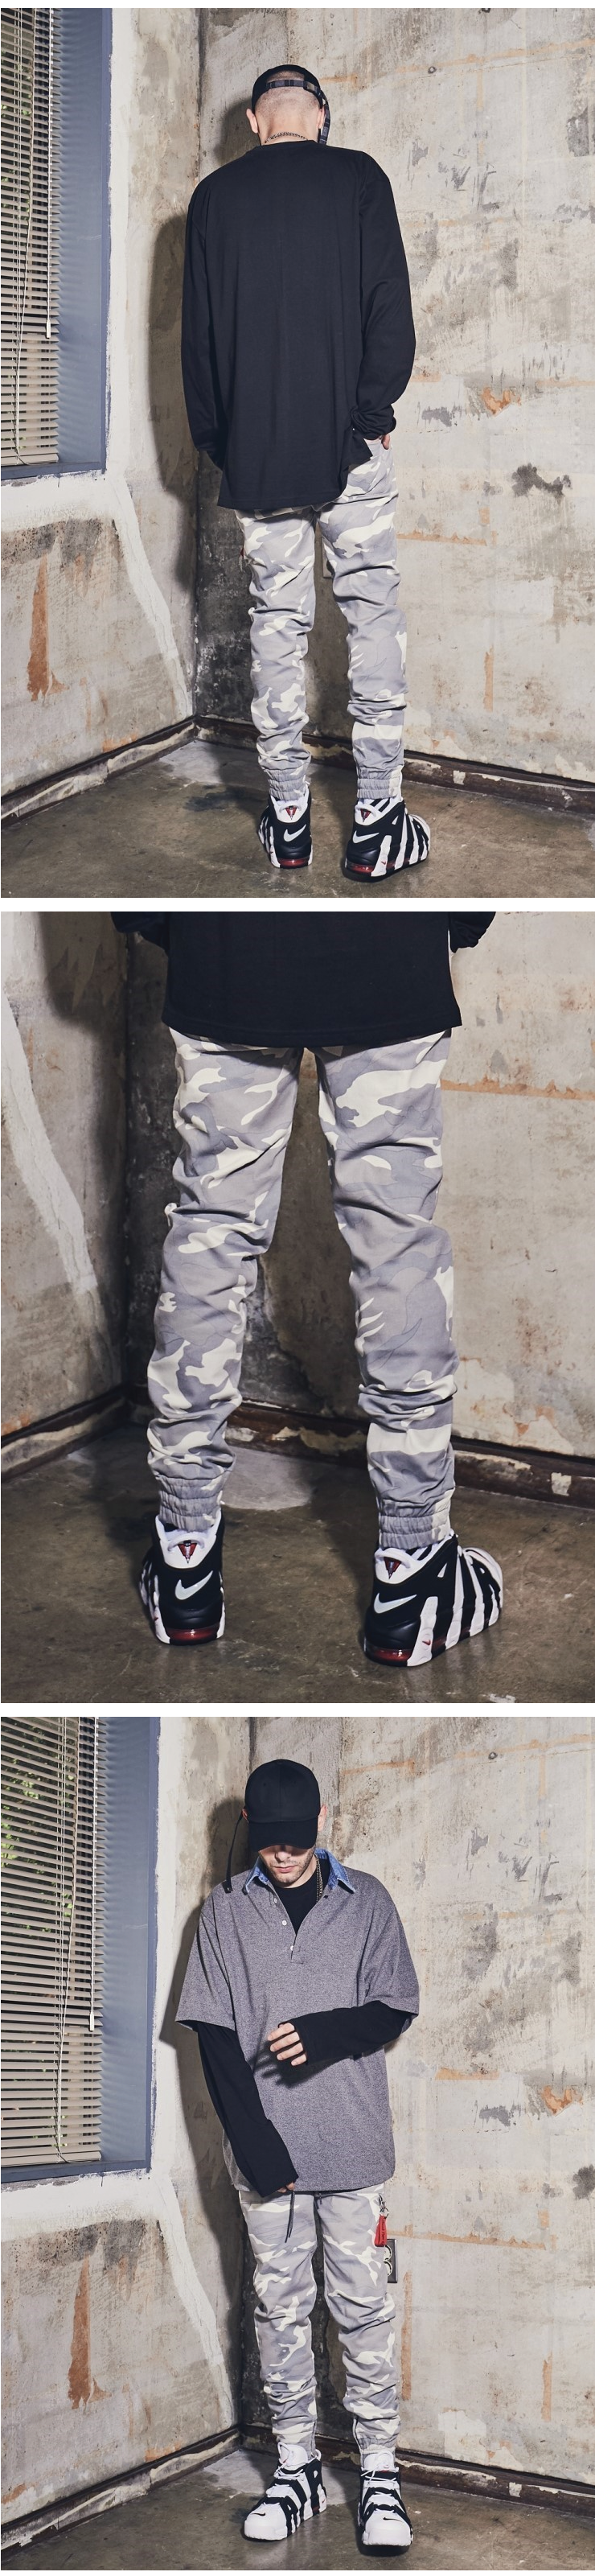 라울(LAUL) LAUL X B.T.D COMFORTABLE CAMO JOGGER PANTS SNOW CAMO 라울 컴포터블 카모조거팬츠 스노우 카모